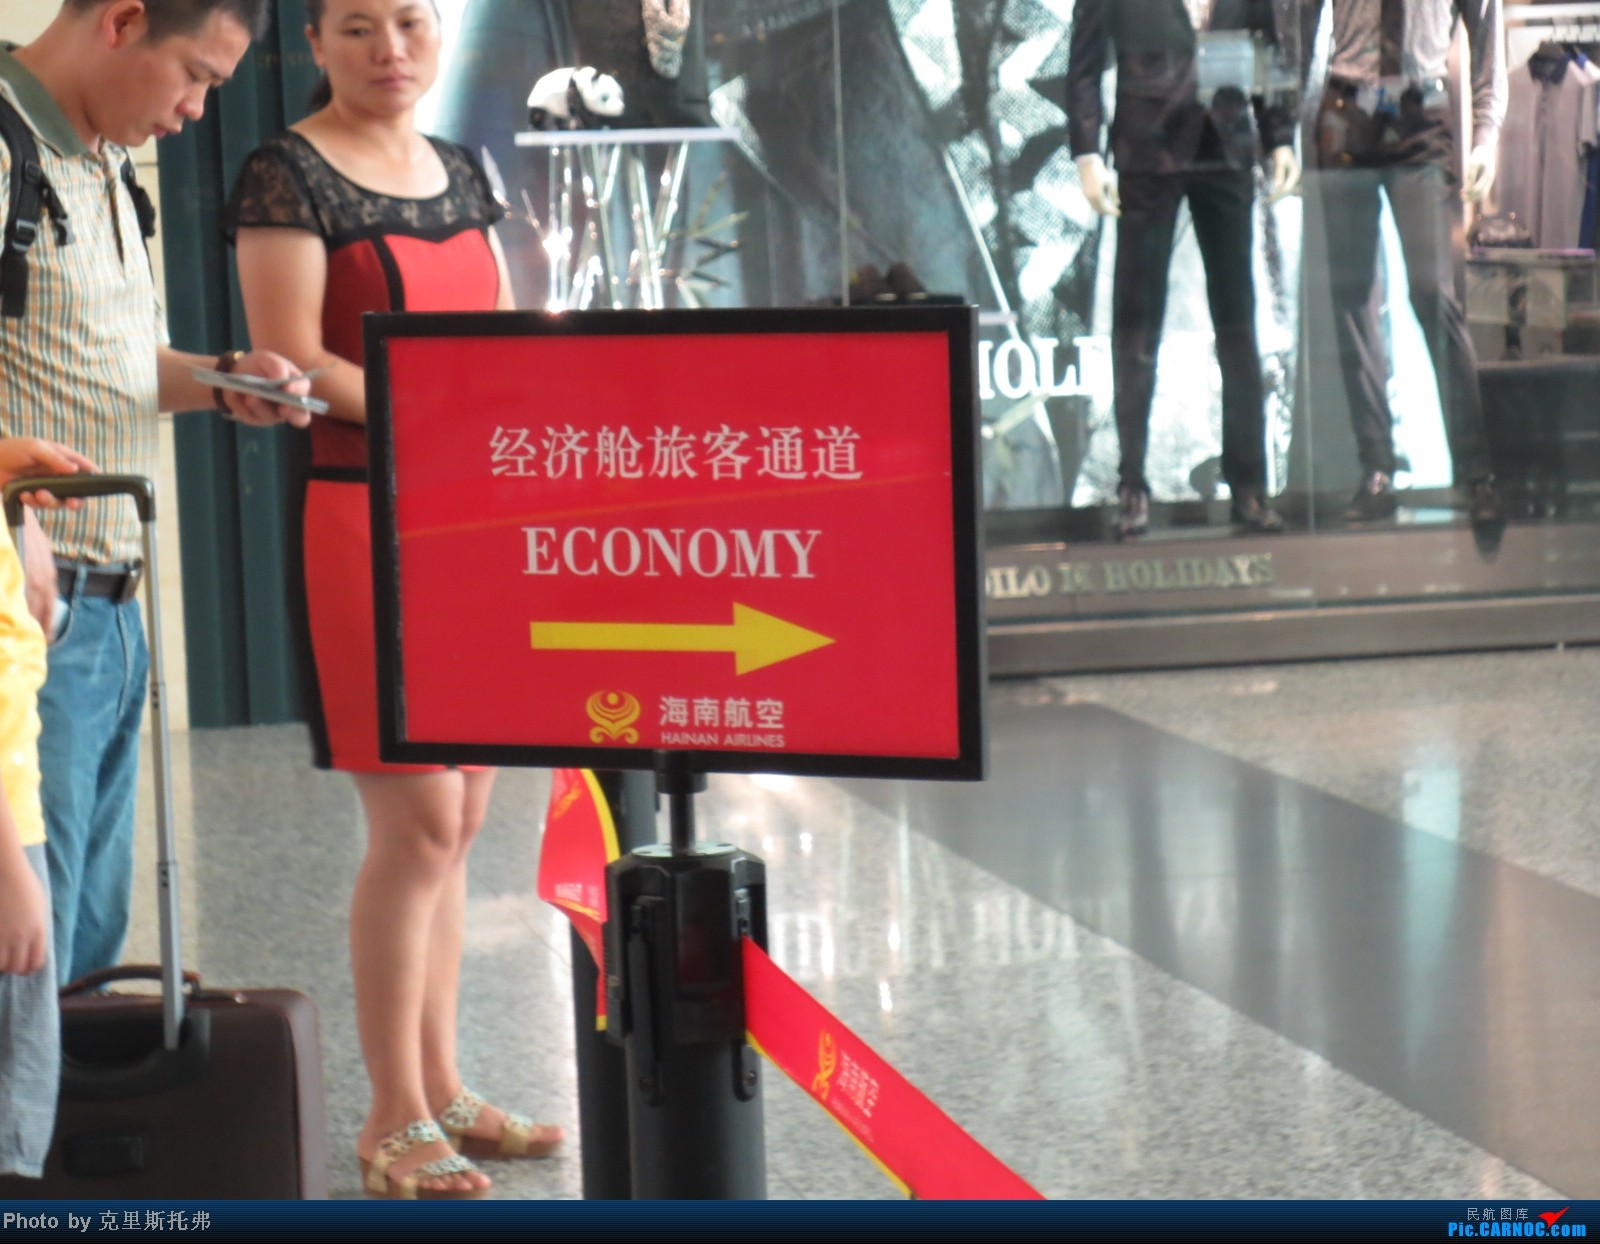 Re:[原创]【广州,你好!】八月齐鲁行 第一集 {初到齐鲁城} 不期而遇,鹏程行万里 相伴相惜,享飞行至美    中国广州白云机场